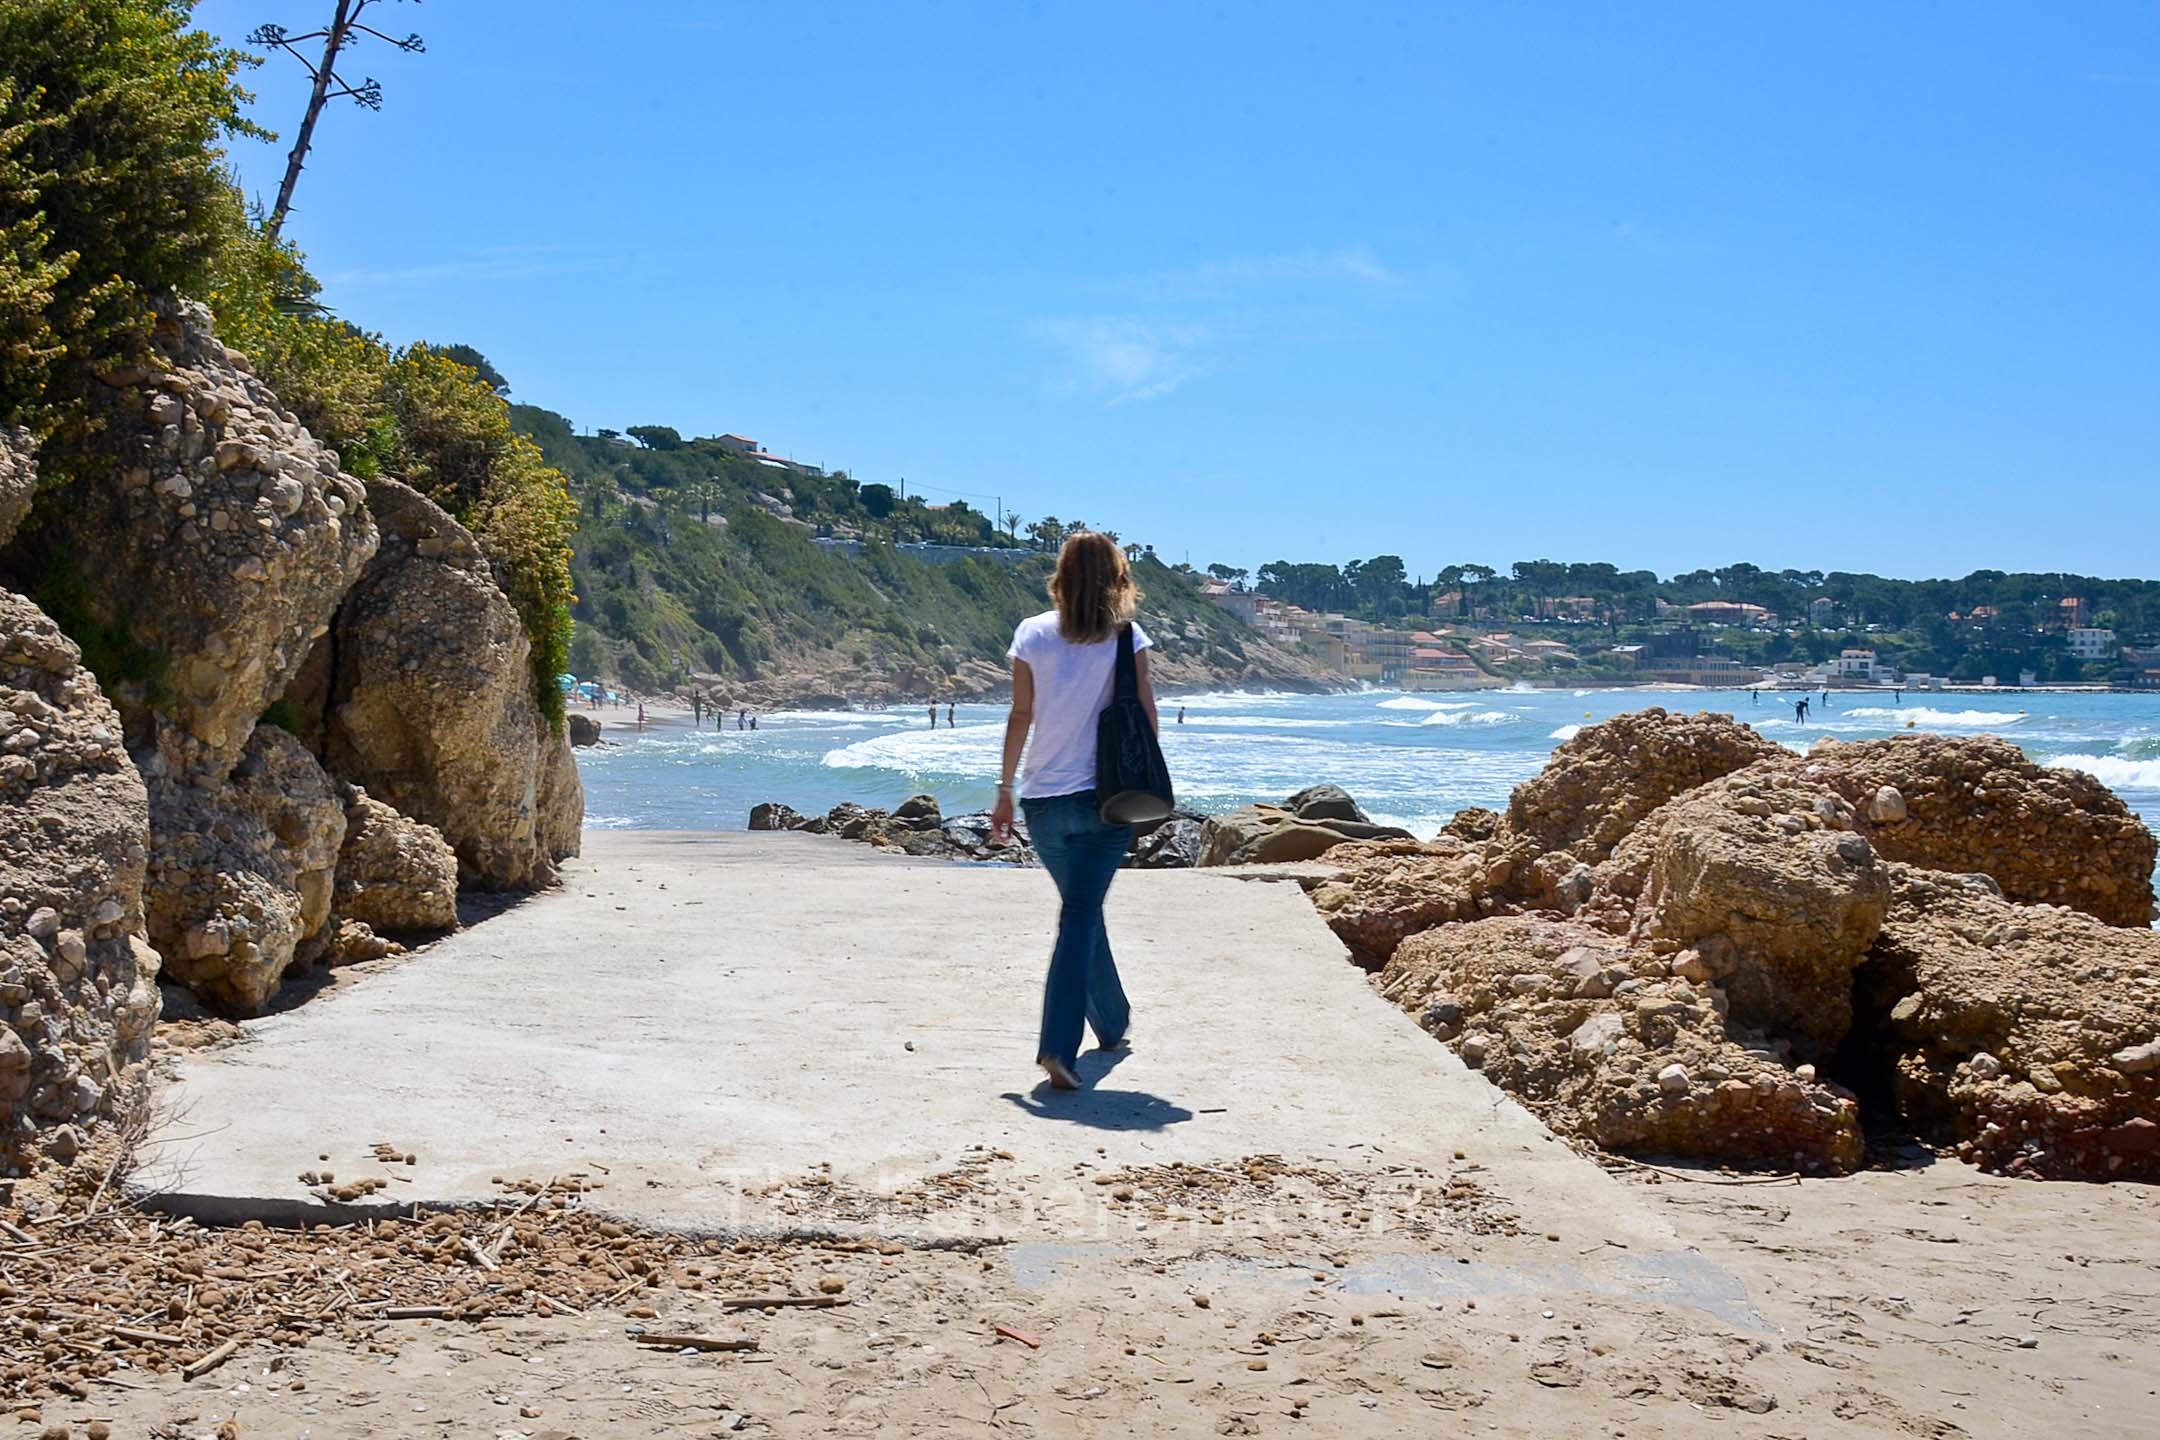 Woman walking beach at Bandol